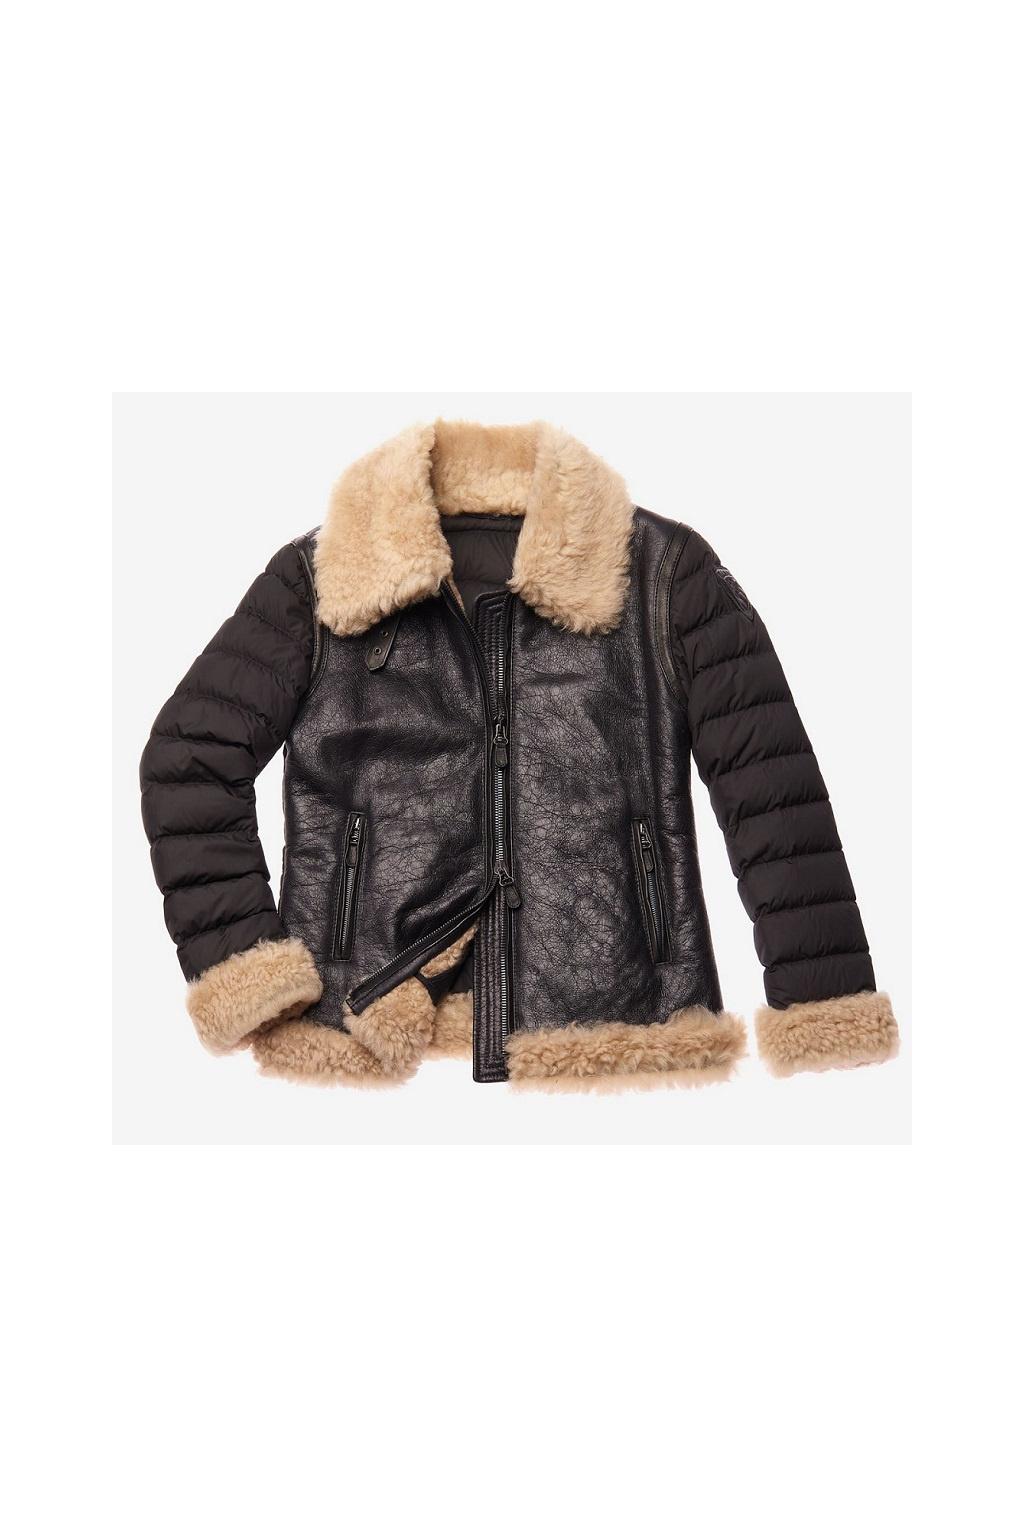 19WBLDL01172 Dámská bunda Blauer černá